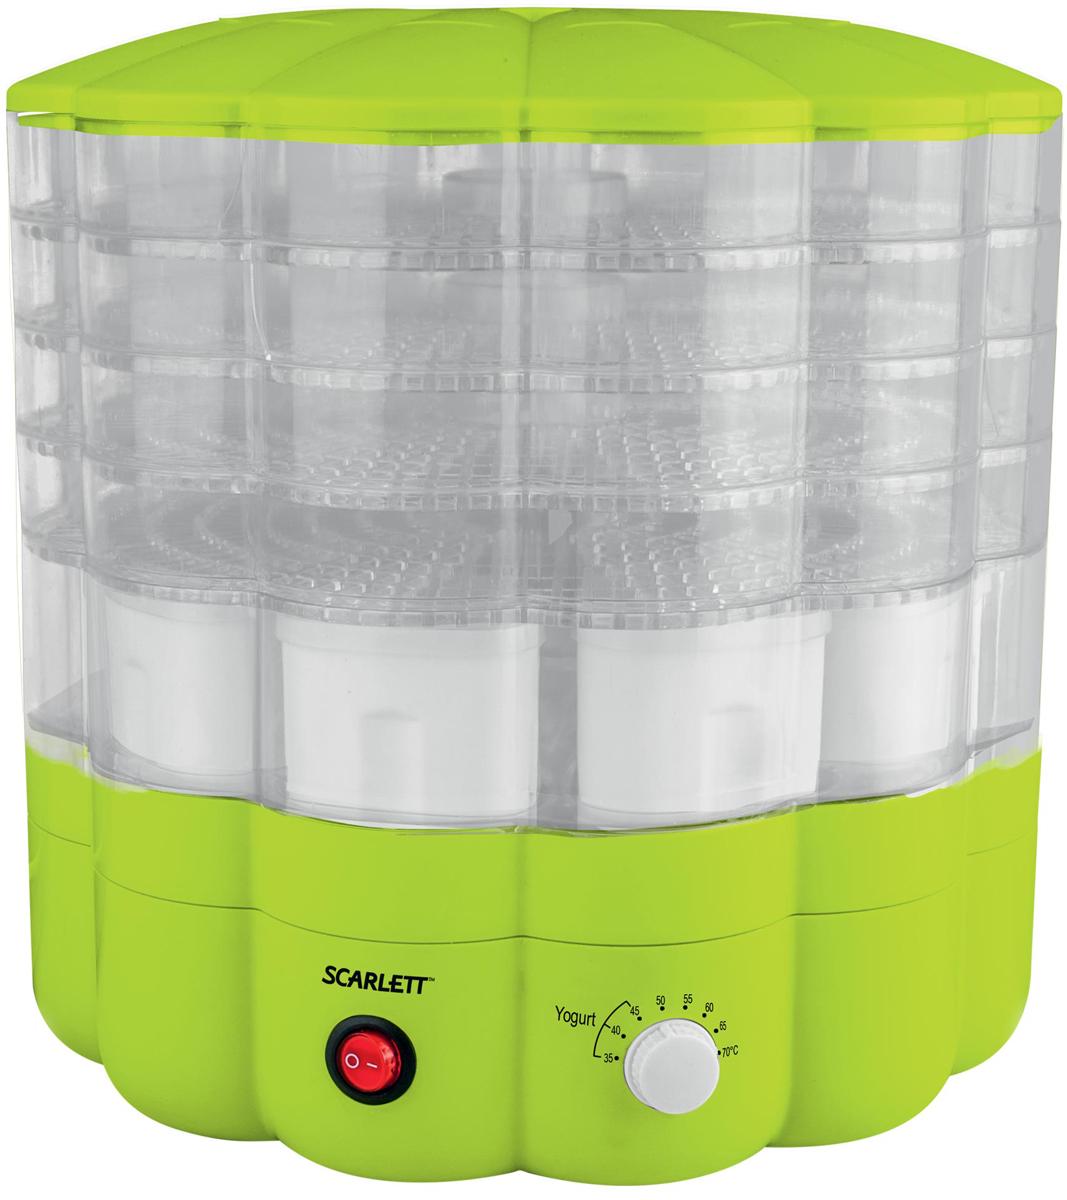 Scarlett SC-FD421001, Green сушилка для продуктовSC-FD421001Электросушилка Scarlett SC-FD421004 предназначена для сушки овощей, фруктов, грибов, трав и ягод в домашних условиях. Имеет 5 прозрачных поддонов, максимальная загрузка 1 поддона - 0,8 кг. Оригинальный дизайн, механическоеуправление, встроенный вентилятор. Набор для приготовления йогурта в комплекте: 9 пластиковых емкостей по 120 мл, и книга рецептов разнообразят вашу привычную кухню.